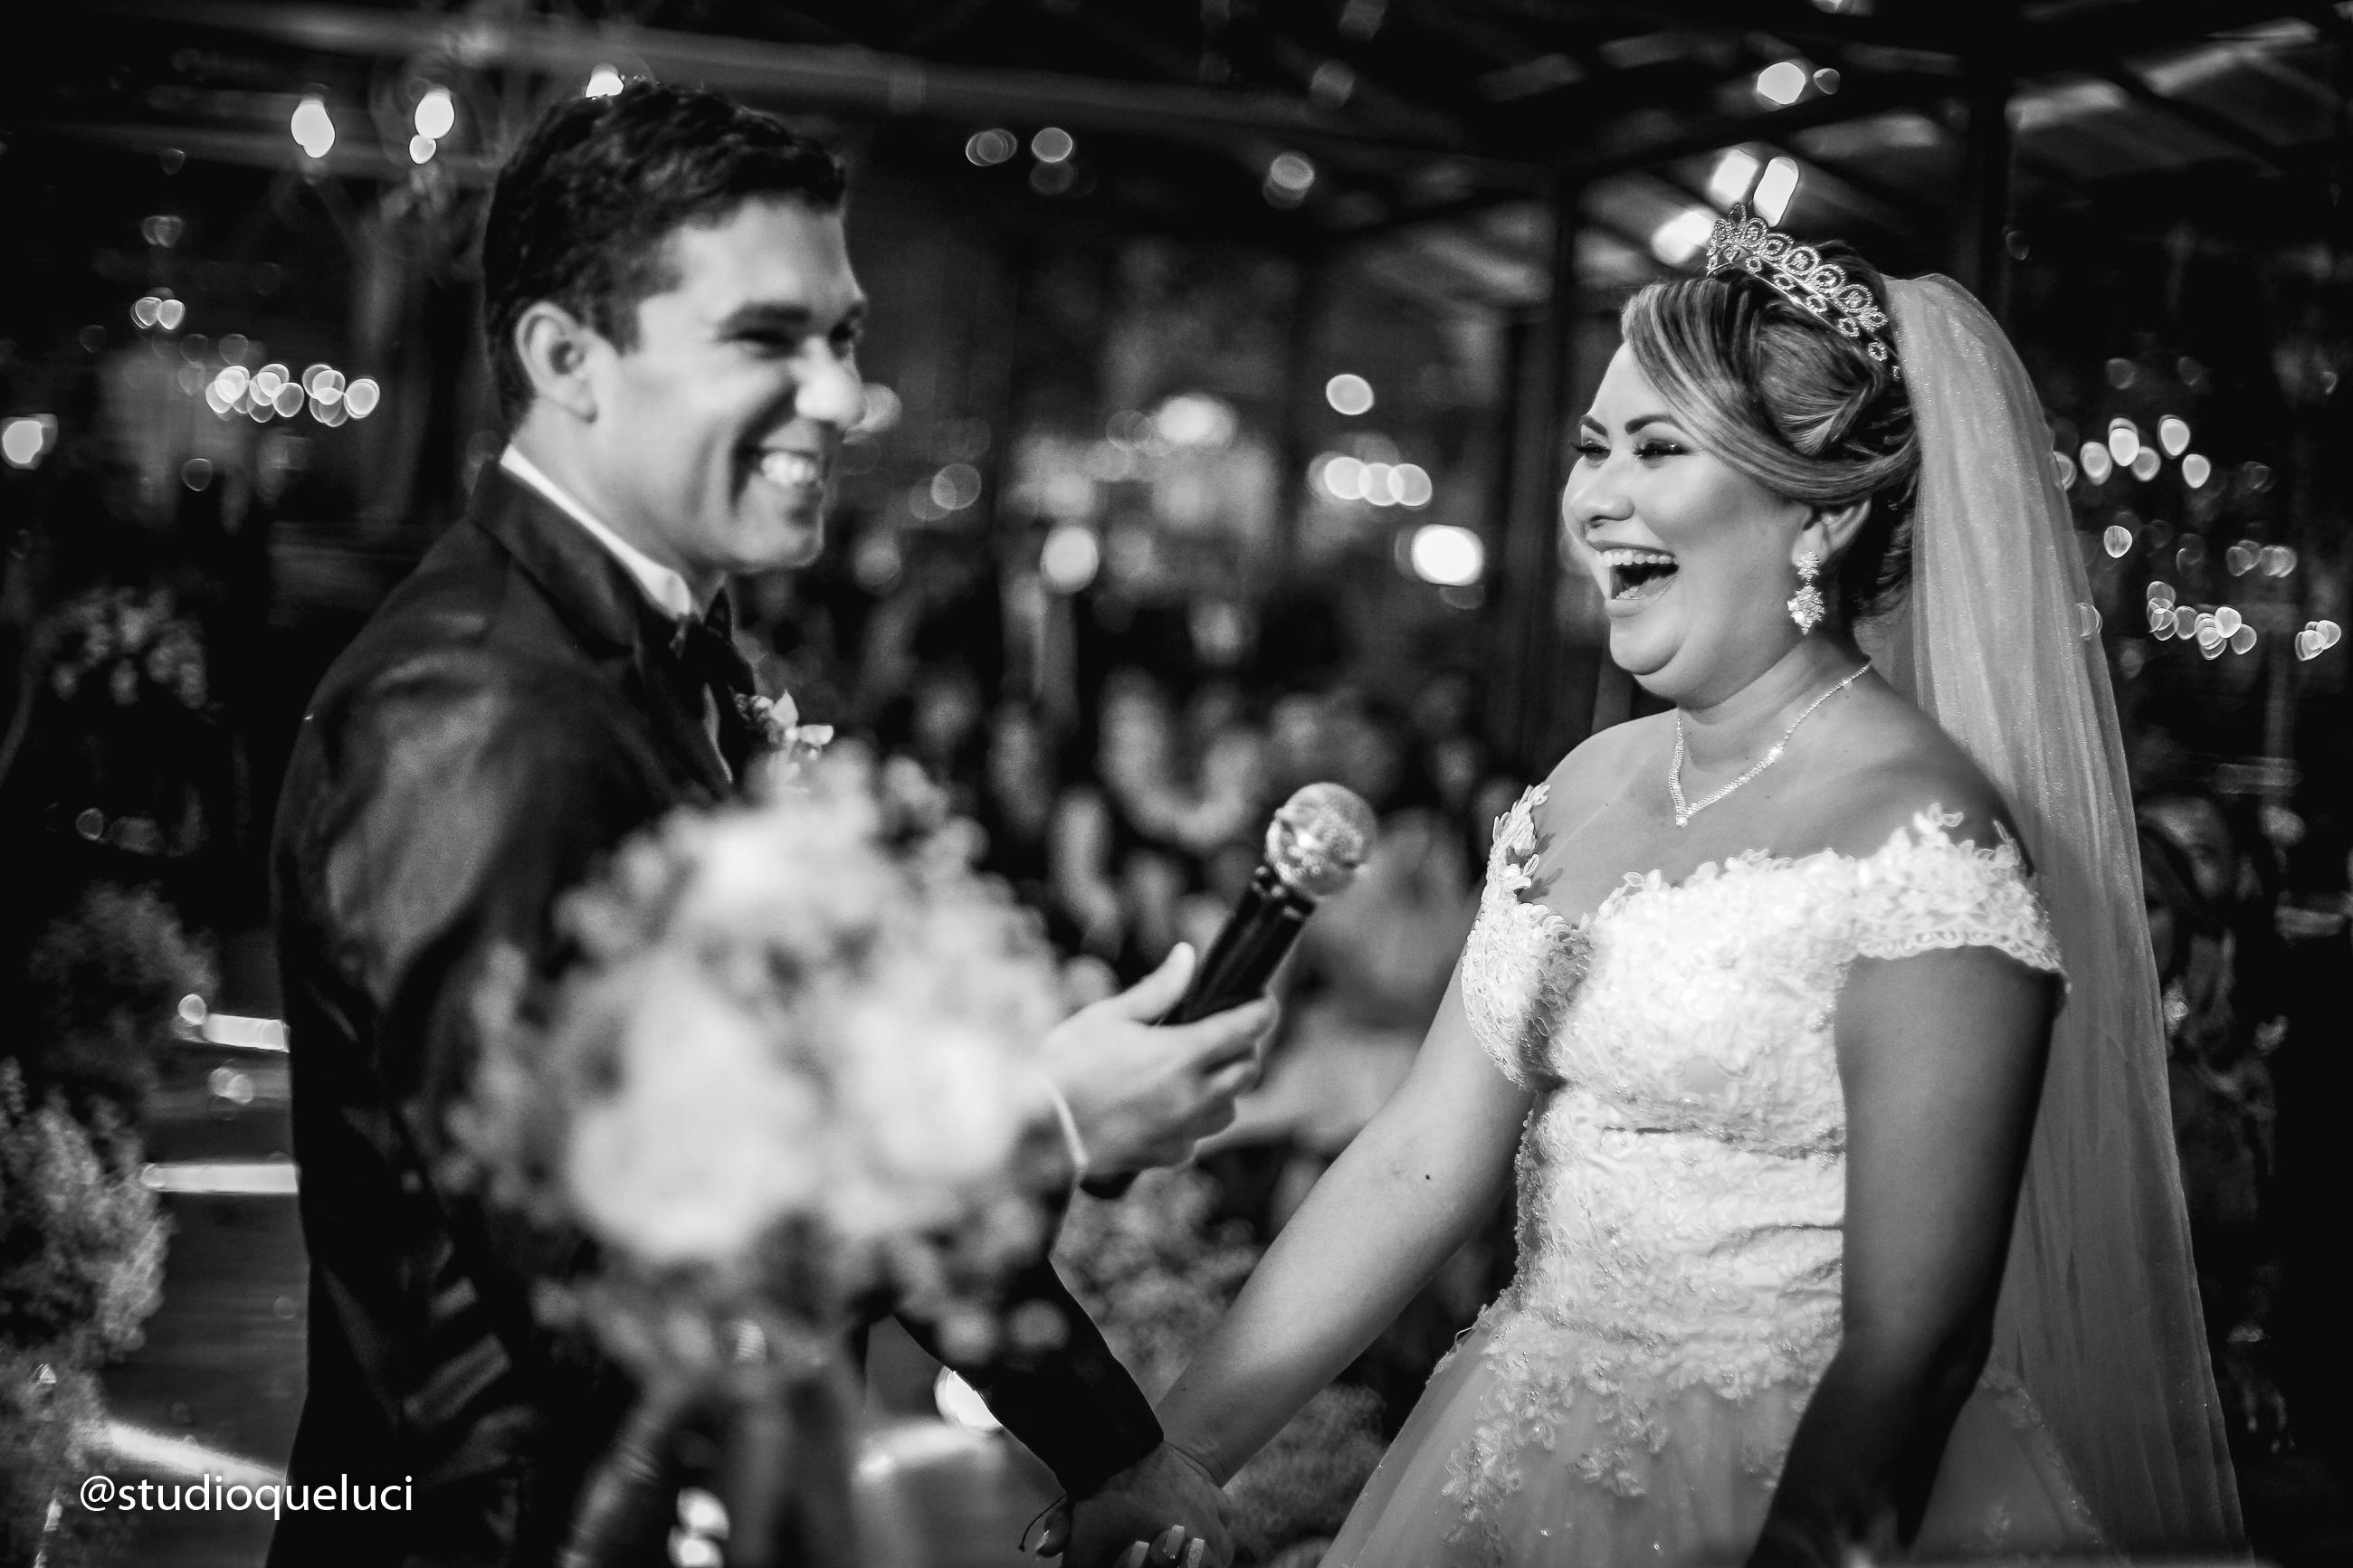 Casamento no Vale dos sonhos em Campo Grande RJ (27)